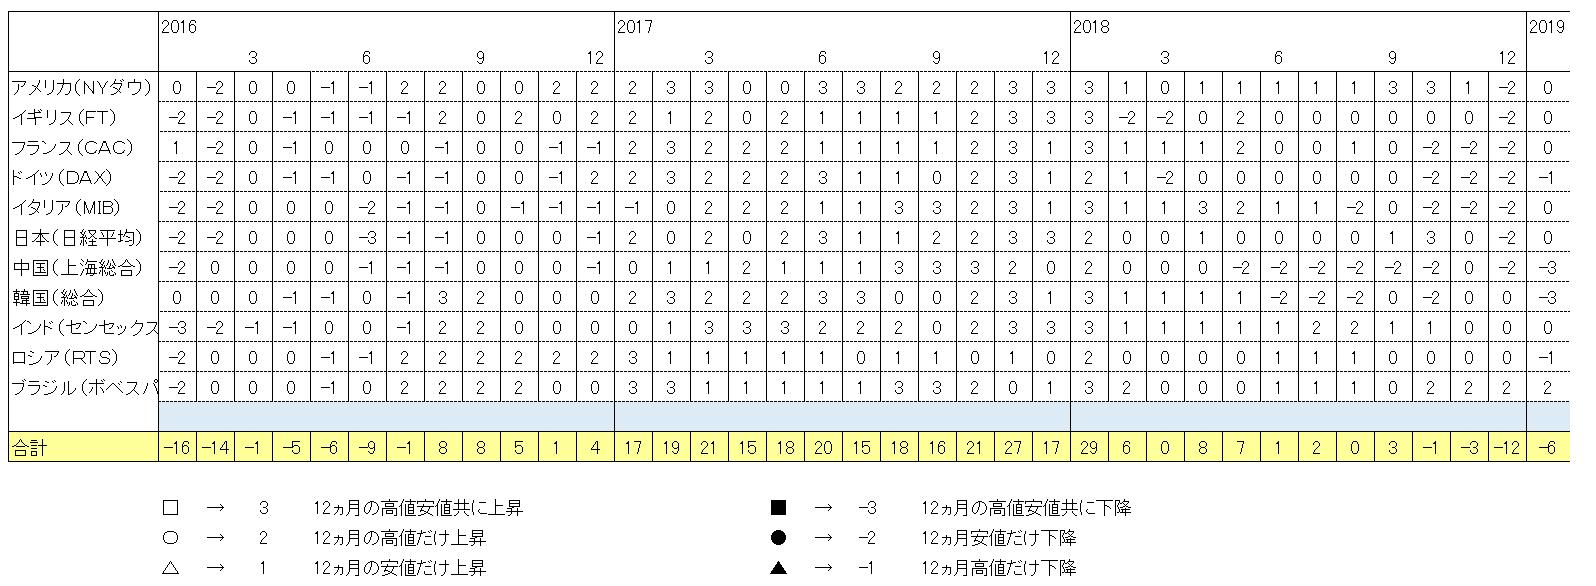 01トレンド合計.png